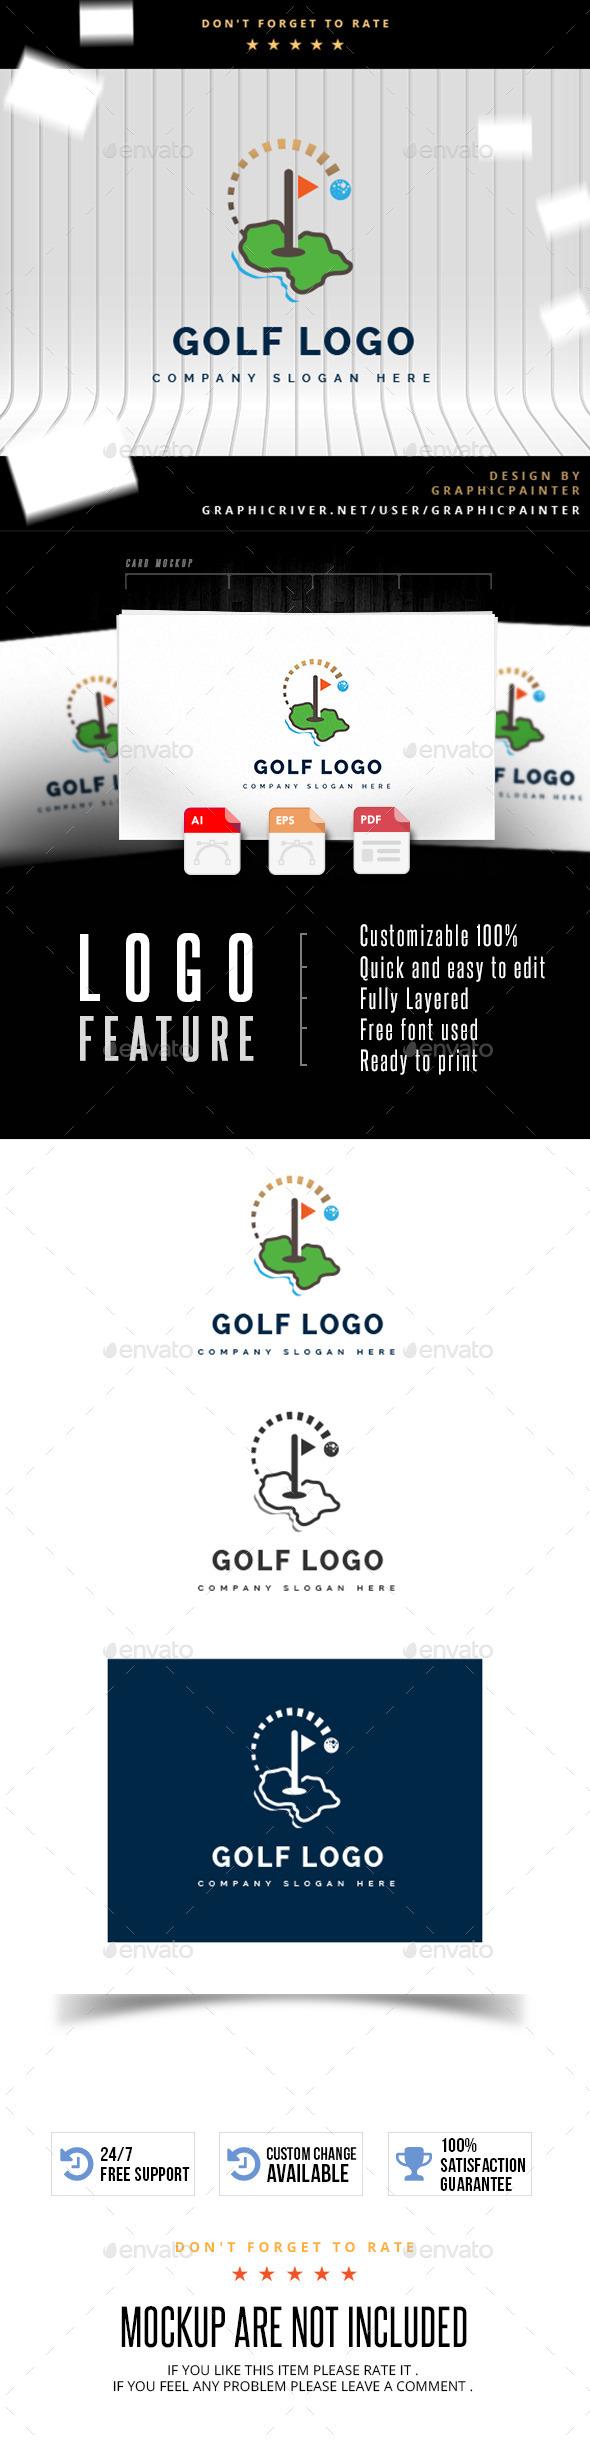 GraphicRiver Golf Logo 11252304